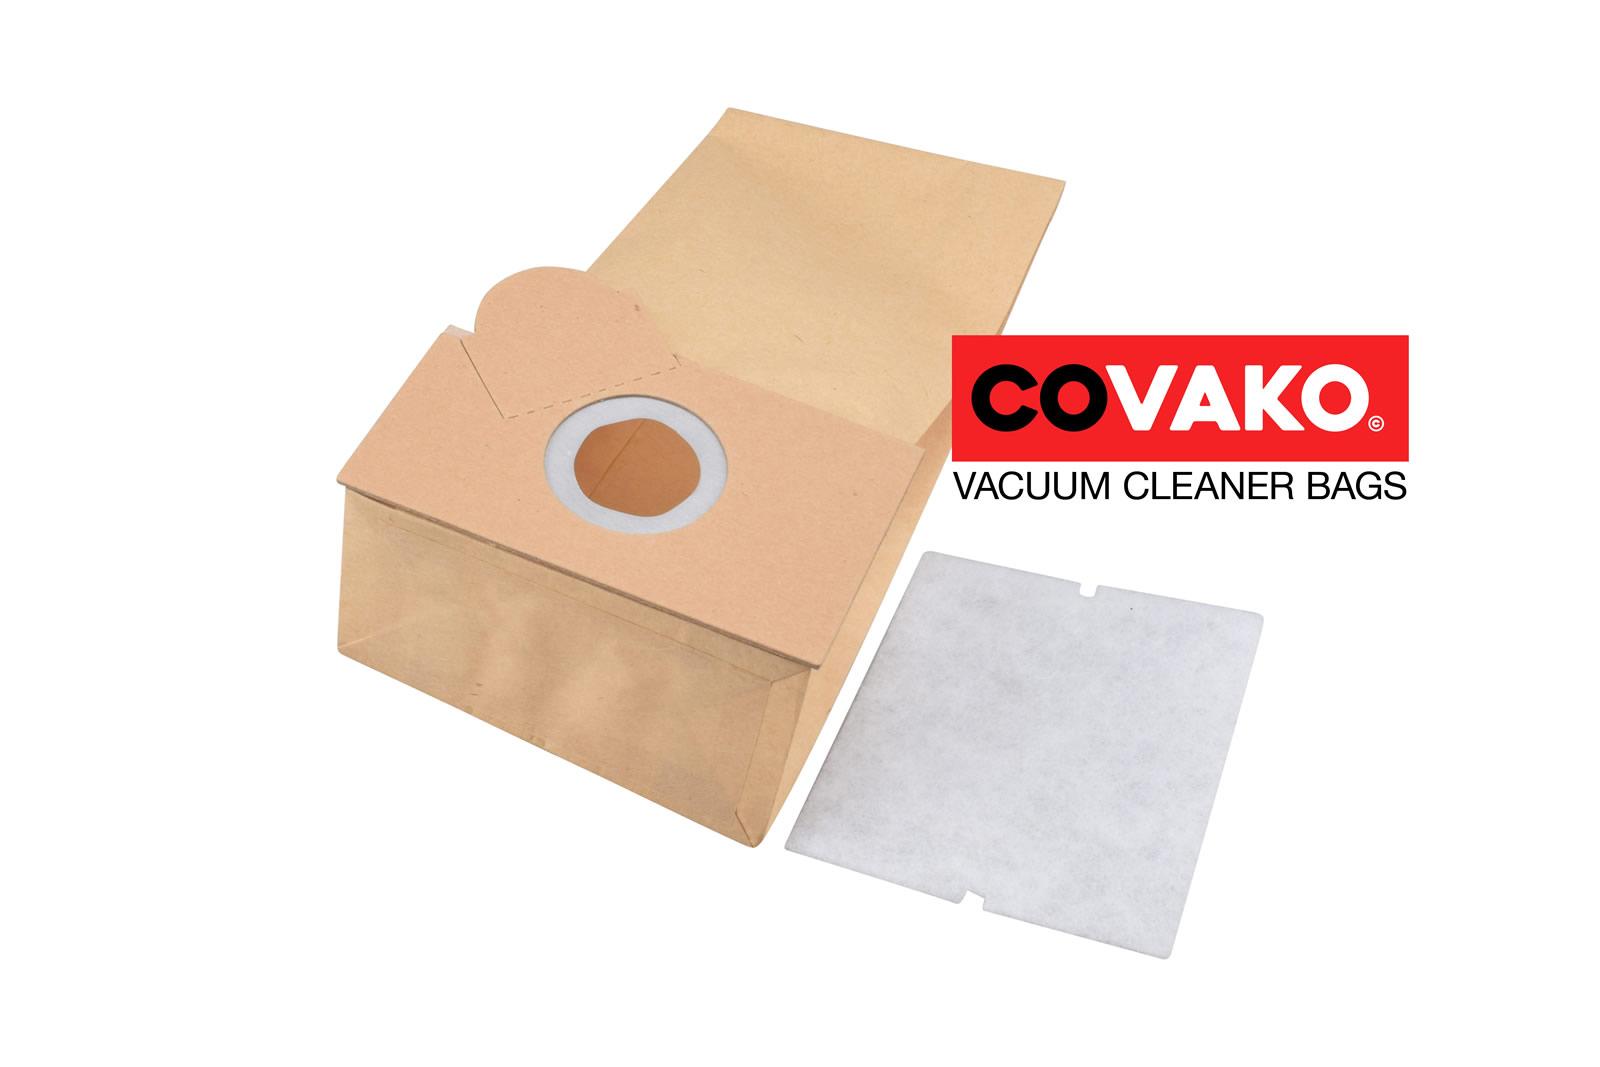 Fakir 1505 Ultra Saugaggregat / Papier - Fakir sacs d'aspirateur